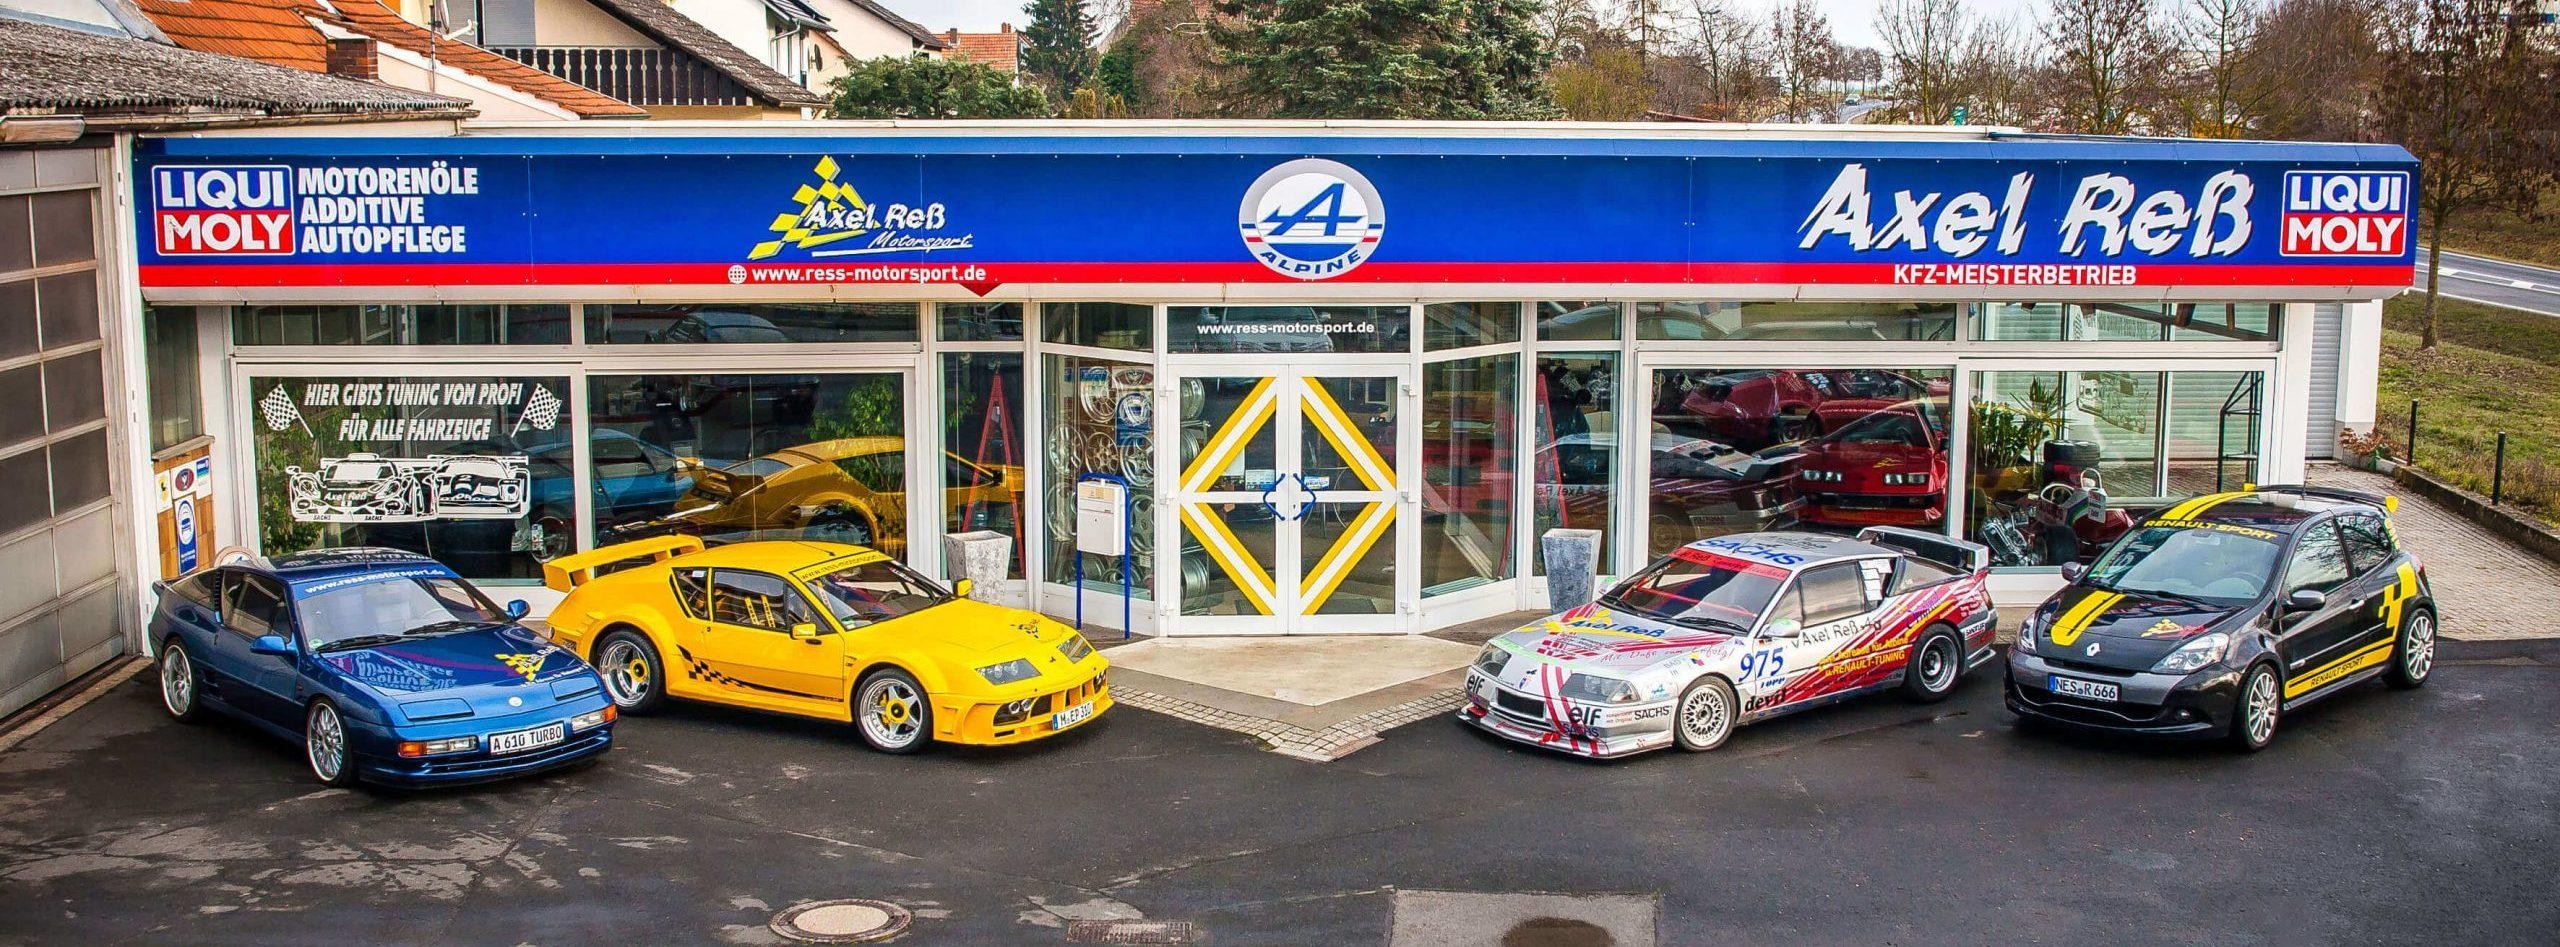 Reß Motorsport